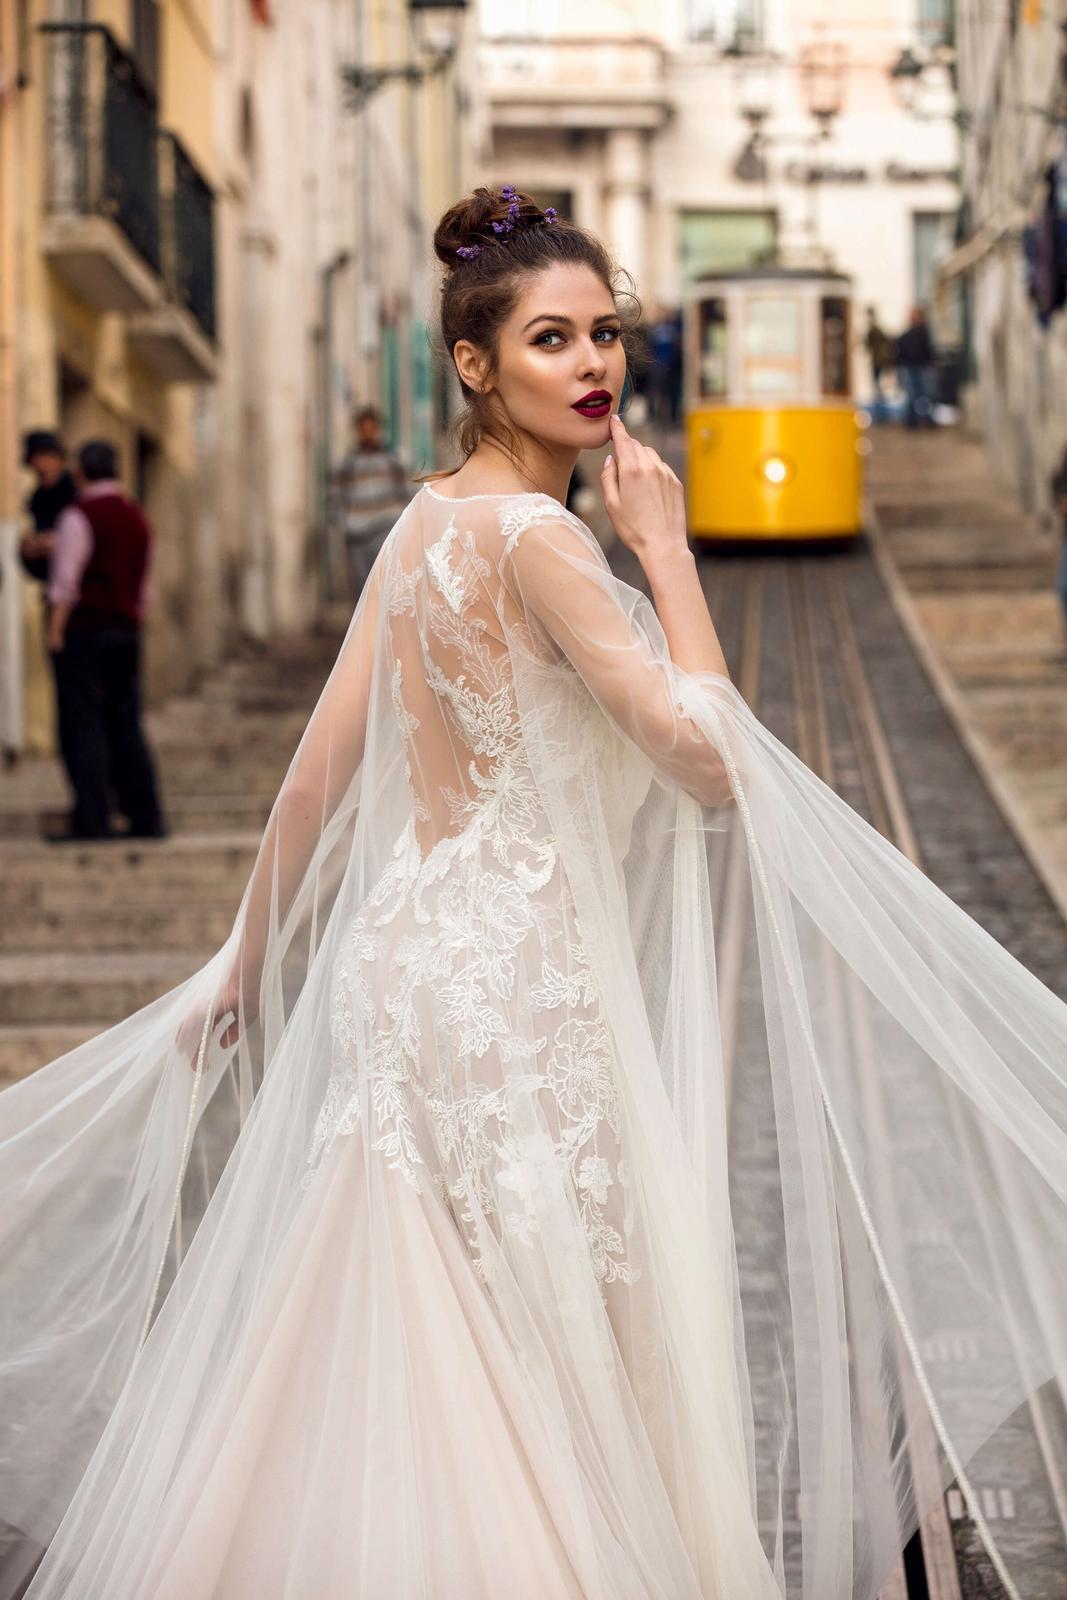 Innocentia Divina 2019 * Svadobné šaty z kolekcií na rok 2019 - Obrázok č. 54